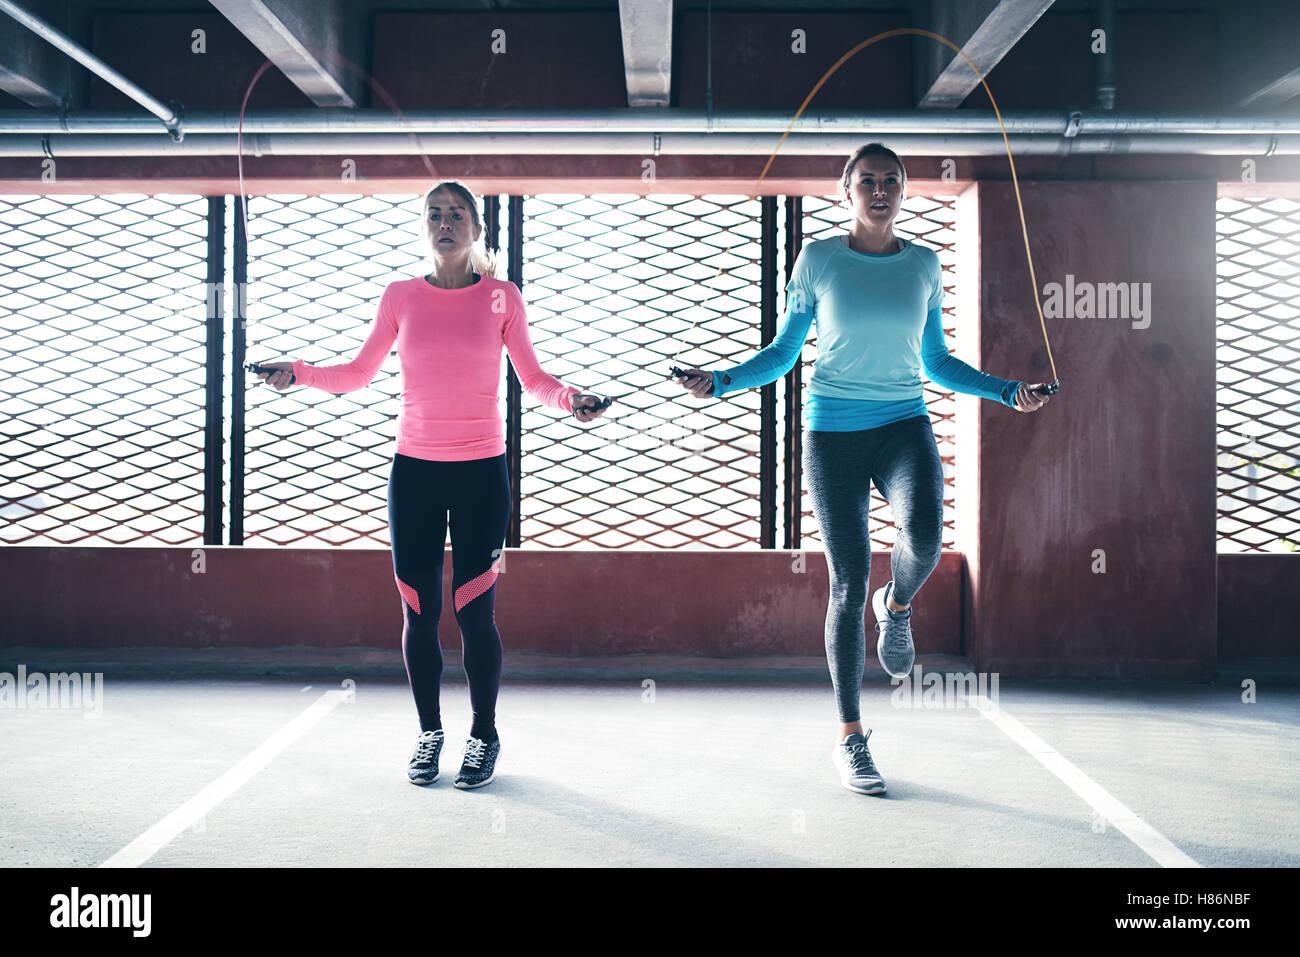 Vista frontal del Athletic dos chicas haciendo saltar la cuerda del ejercicio. Copyspace Imagen De Stock